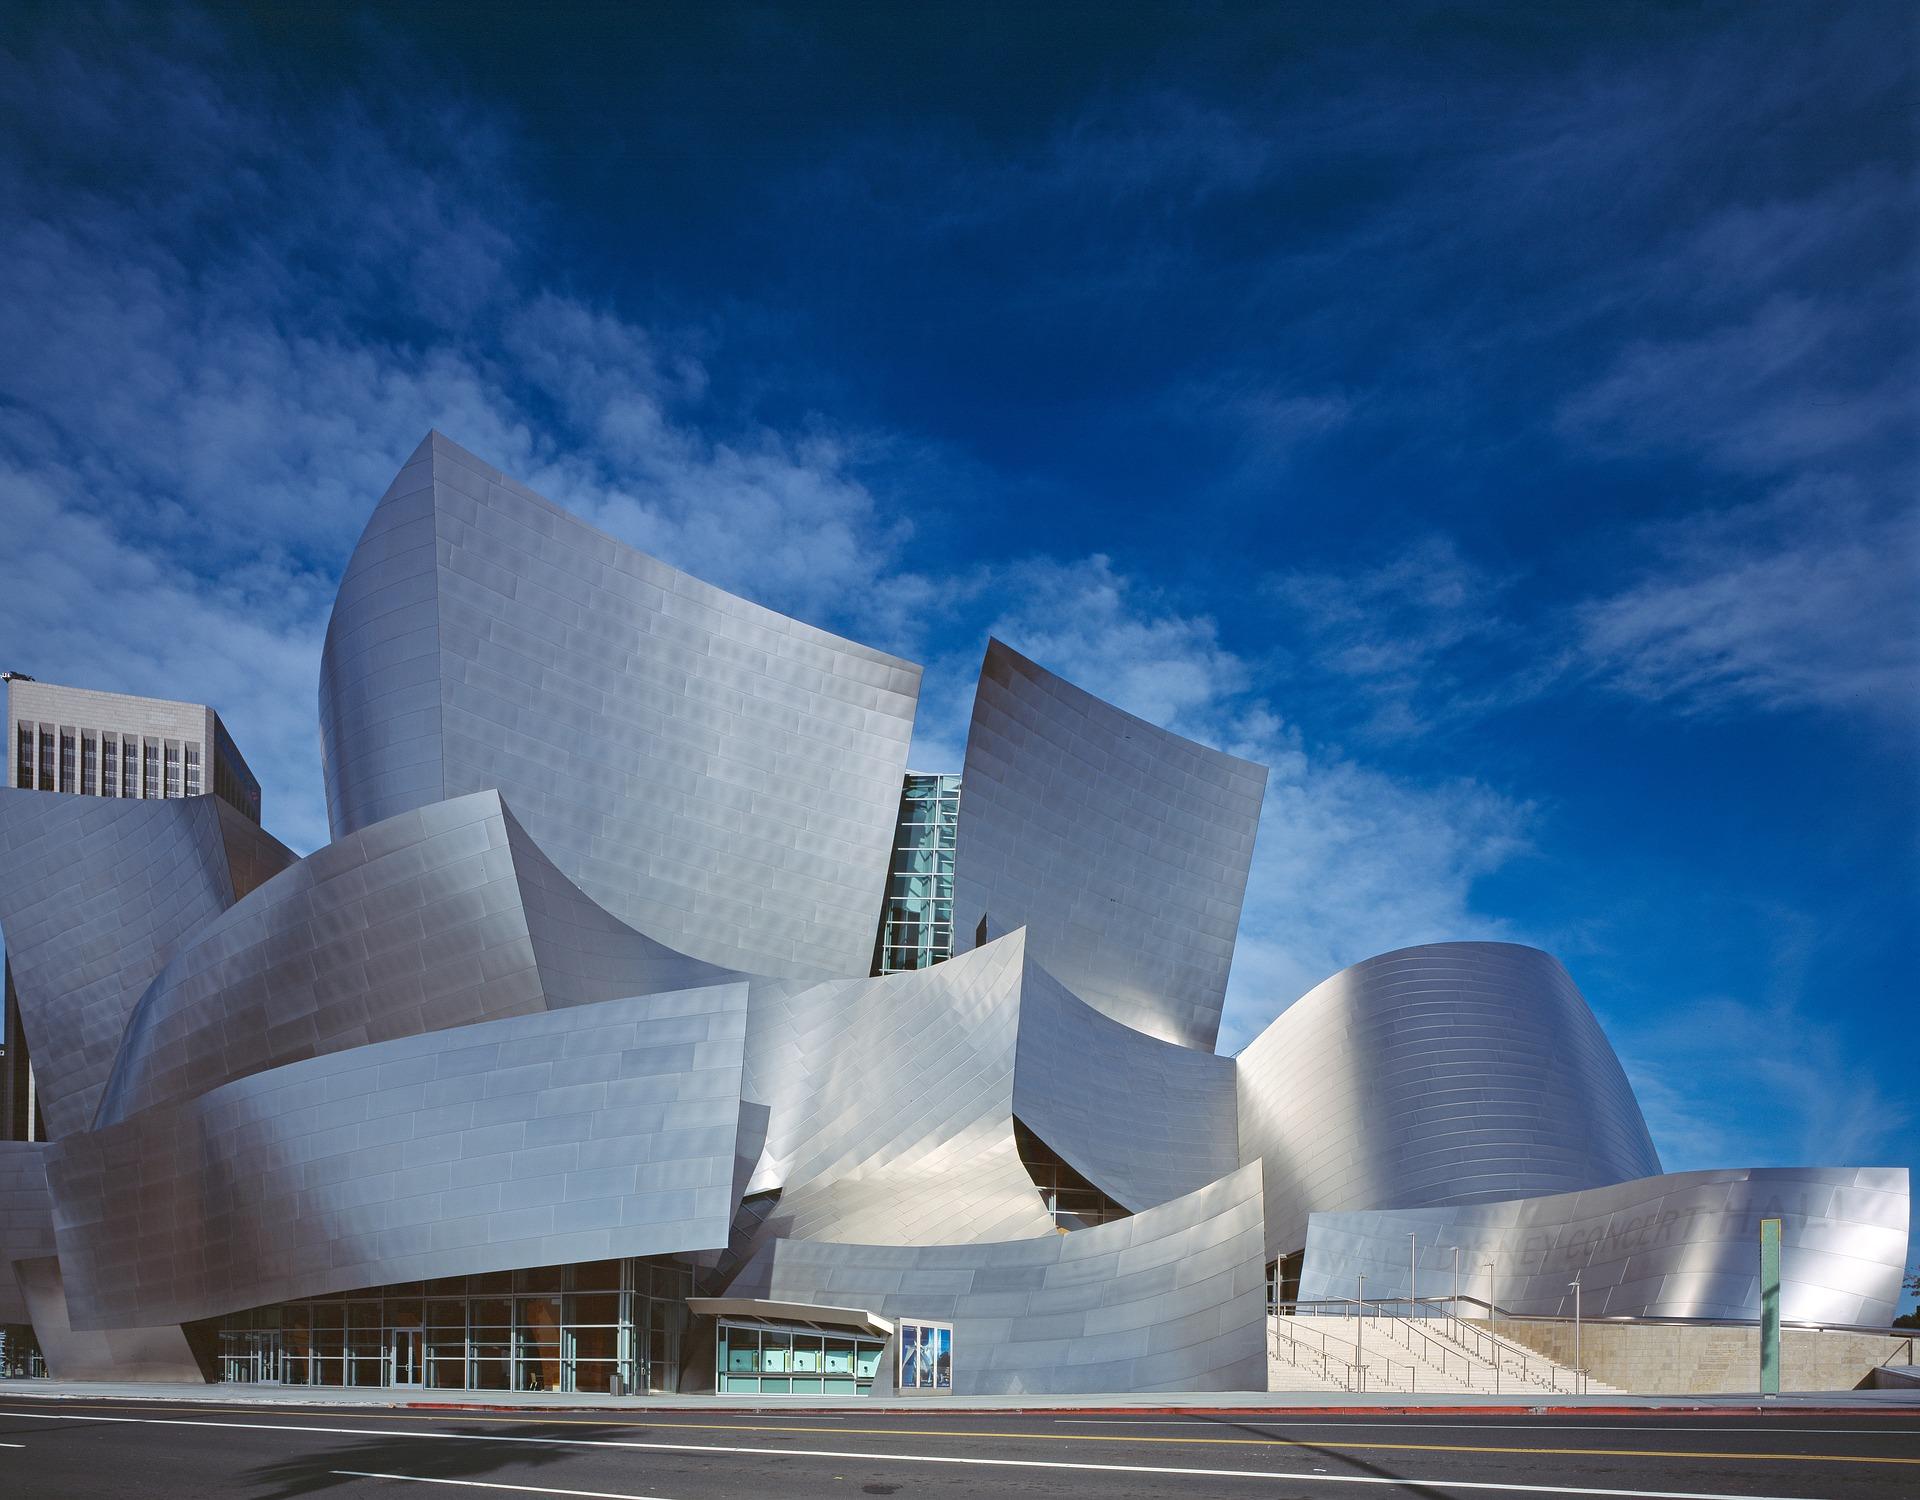 O Walt Disney Concert Hall, obra do arquiteto Frank Gehry, que deixou Los Angeles ainda mais bonita